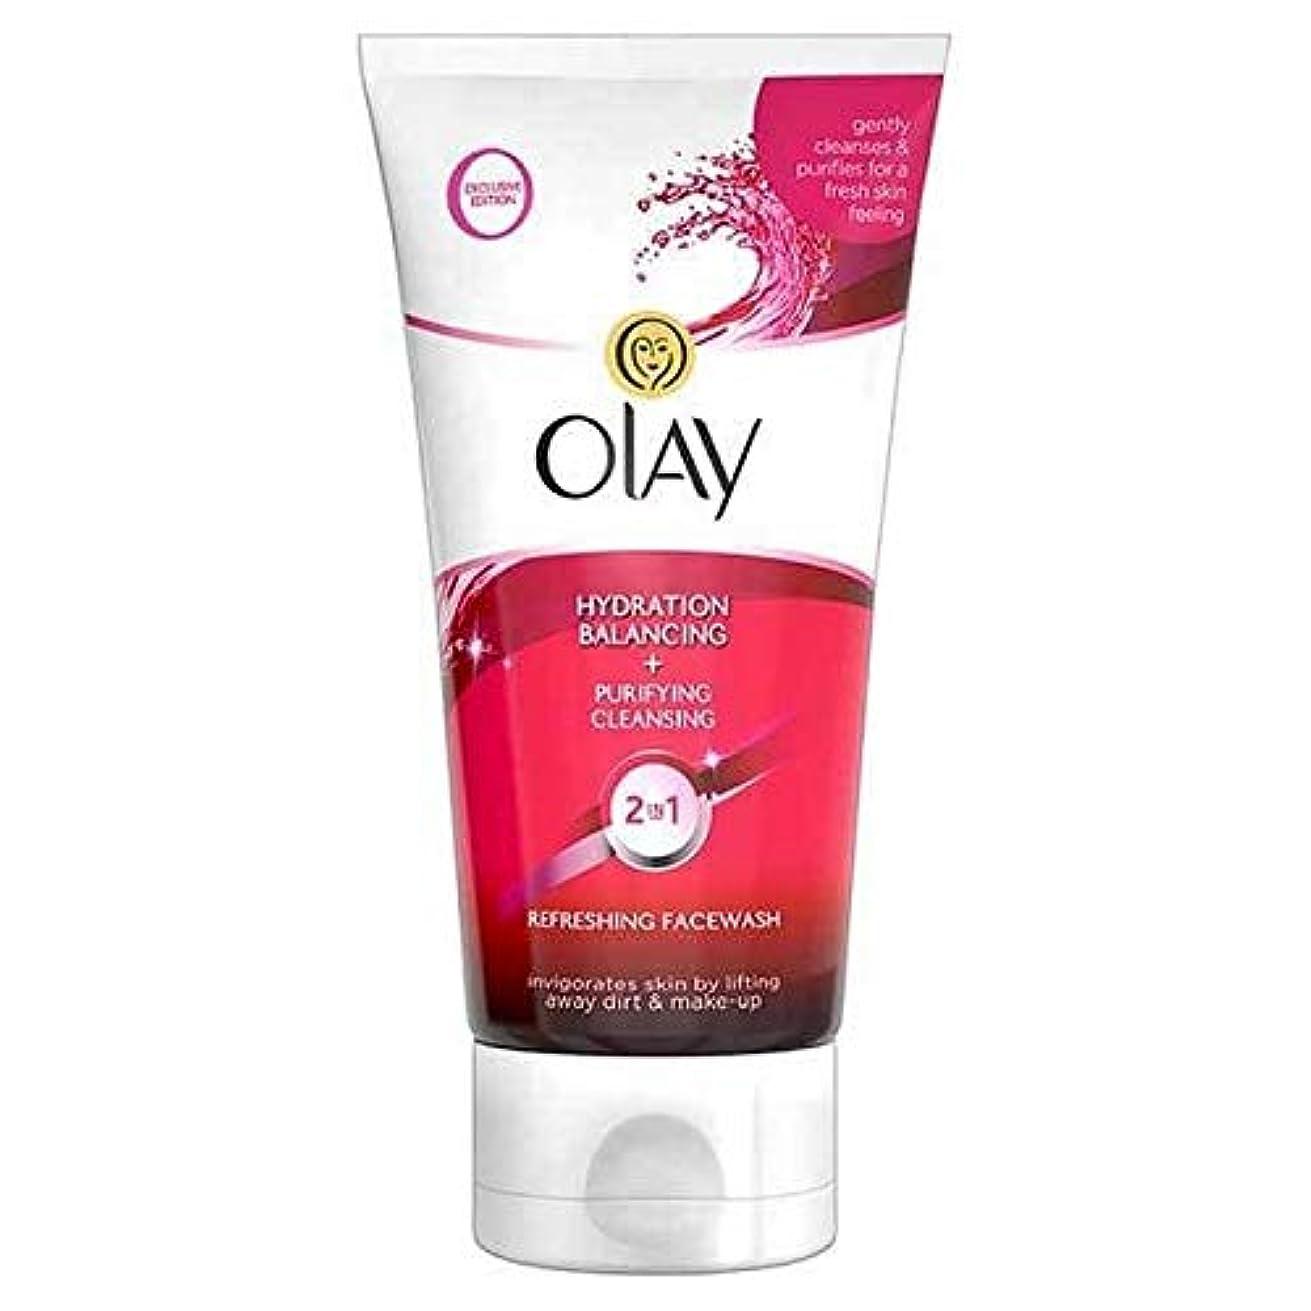 差別化する血まみれの法医学[Olay ] オーレイの2In1水和+浄化クレンジングFacewashの150ミリリットル - Olay 2in1 Hydration + Purifying Cleansing Facewash 150ml [並行輸入品]